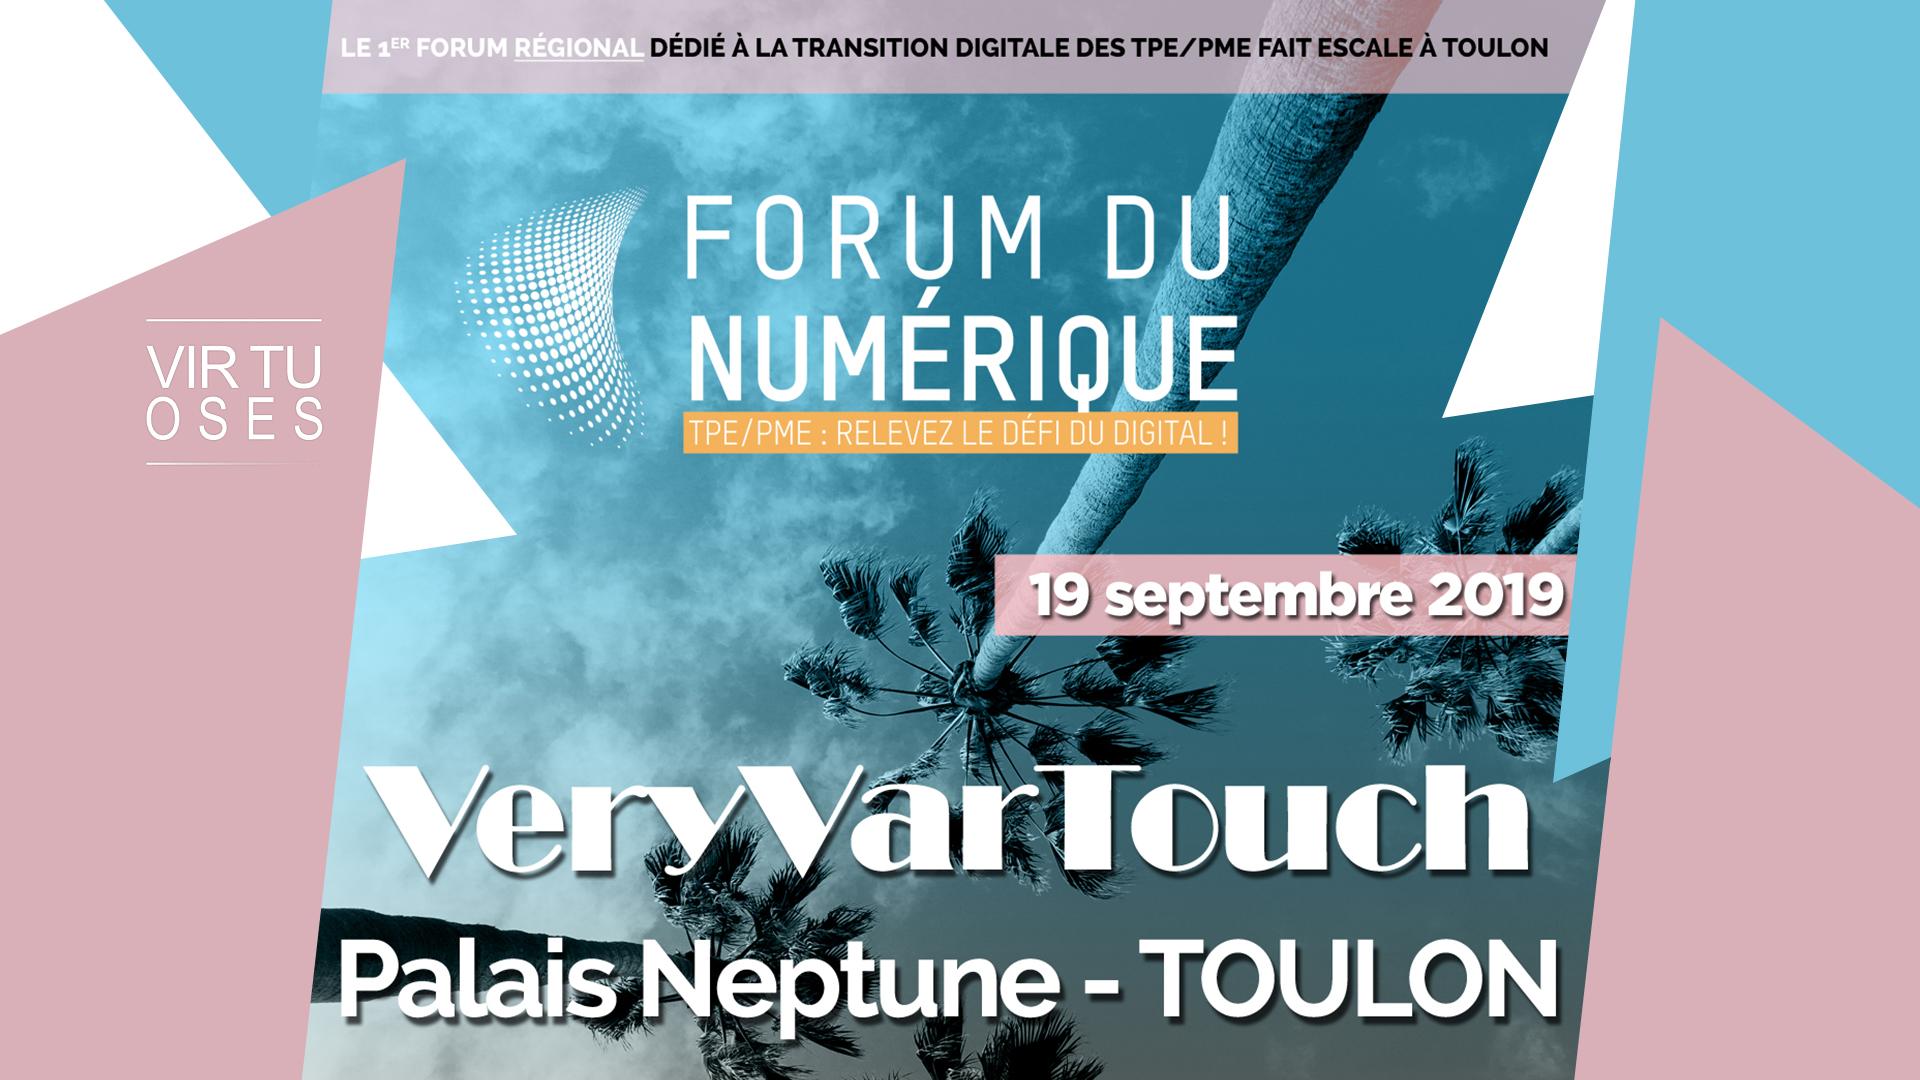 Virtuoses Médias répond présente au Forum du Numérique à Toulon.